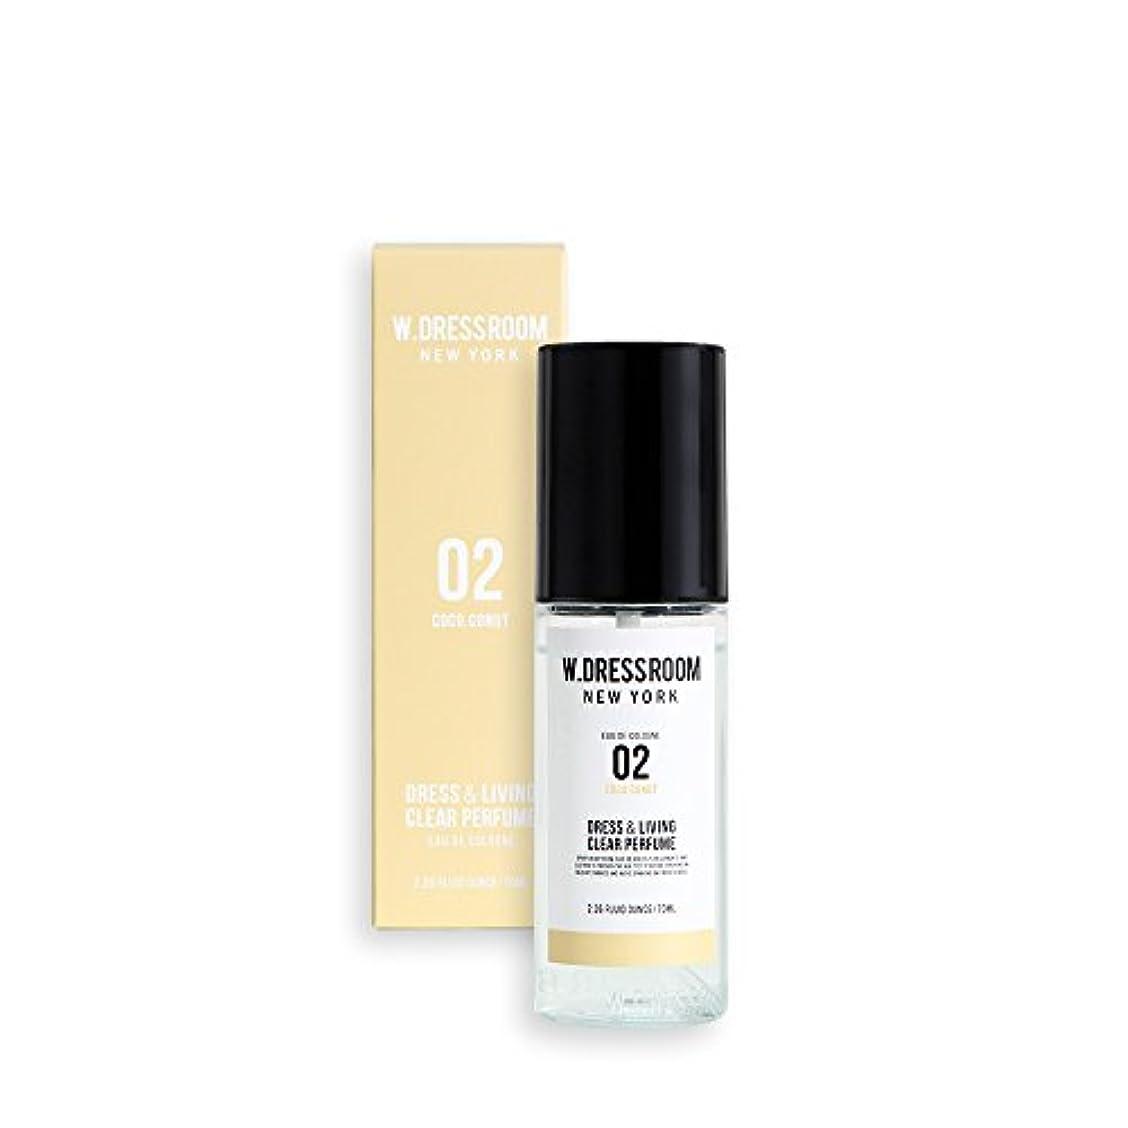 低下組み立てる水没W.DRESSROOM Dress & Living Clear Perfume 70ml/ダブルドレスルーム ドレス&リビング クリア パフューム 70ml (#No.02 Coco Conut) [並行輸入品]